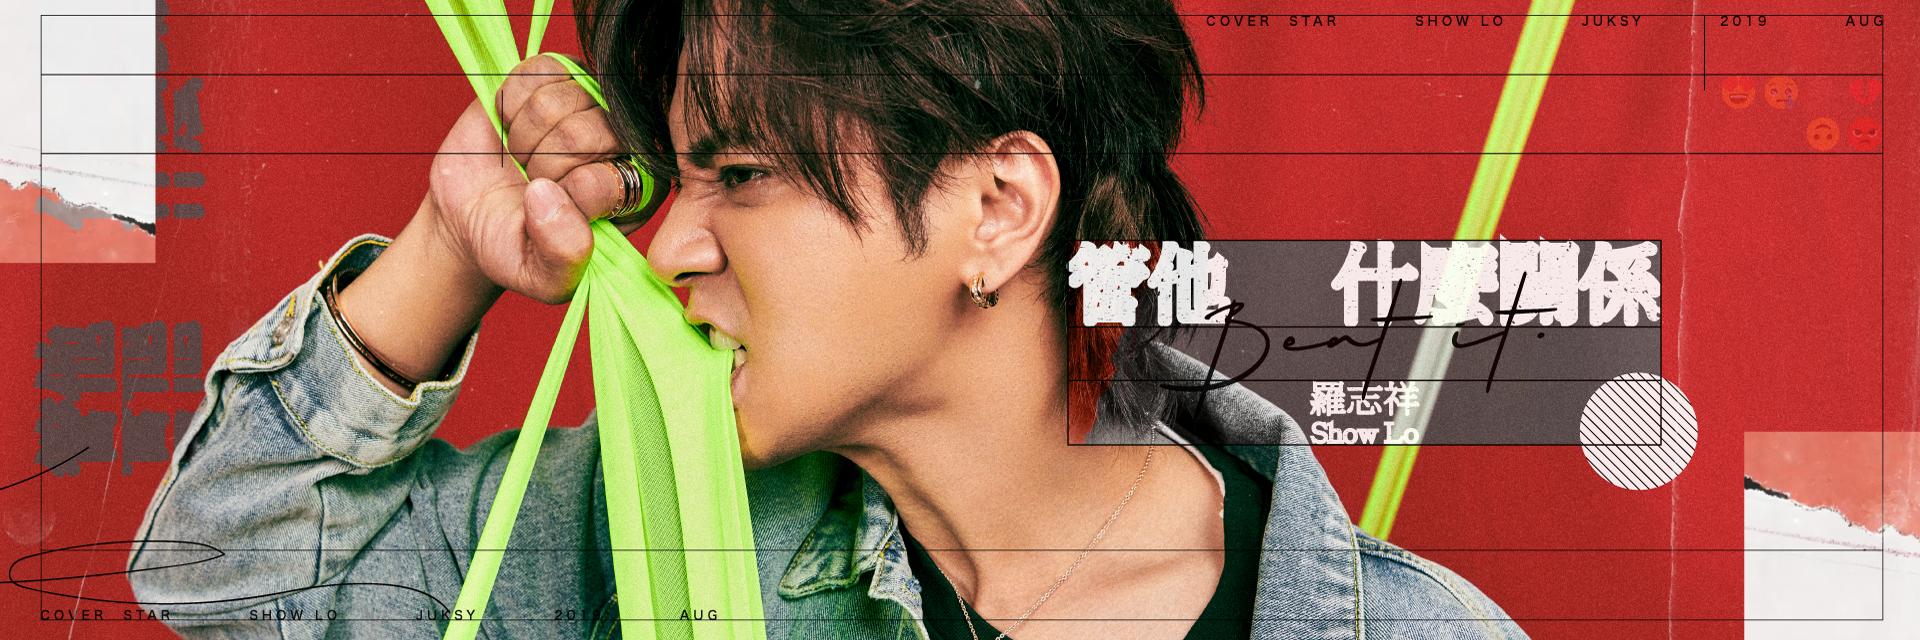 封面人物 / 「我懷念以前的潮流,因為比較簡單!」第一個把潮流帶上台灣電視的人:重新認識,羅志祥。